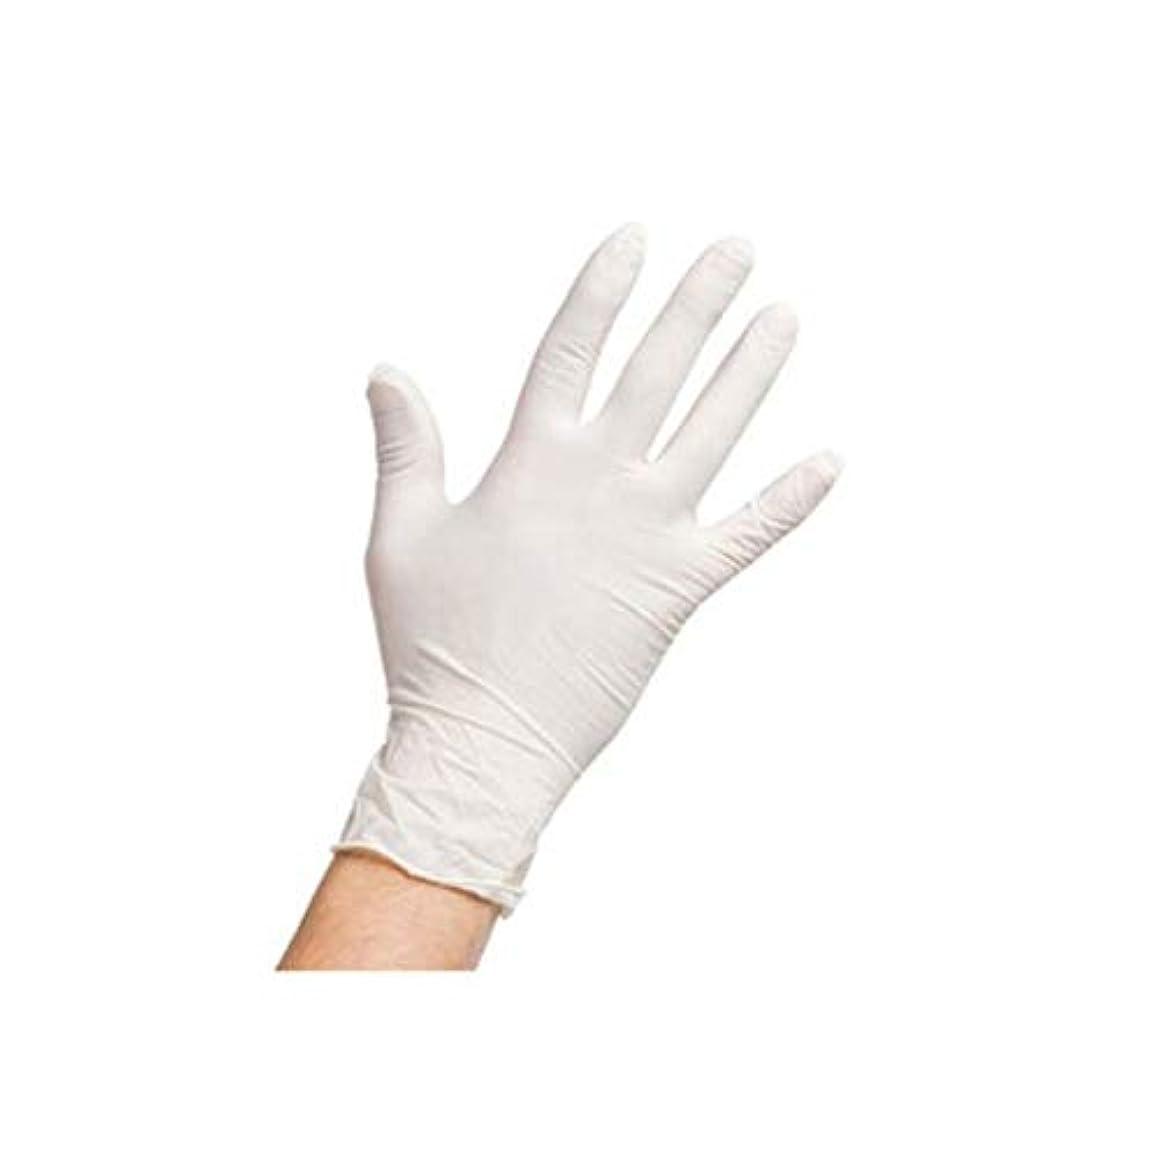 パドル軽減干し草(A1ラテックス) 最高品質のLatex手袋 ニトリル手袋 パウダーフリー 無粉末 200枚(6g Latex、4g Nitrile)【海外配送商品】【並行輸入品】 (S)